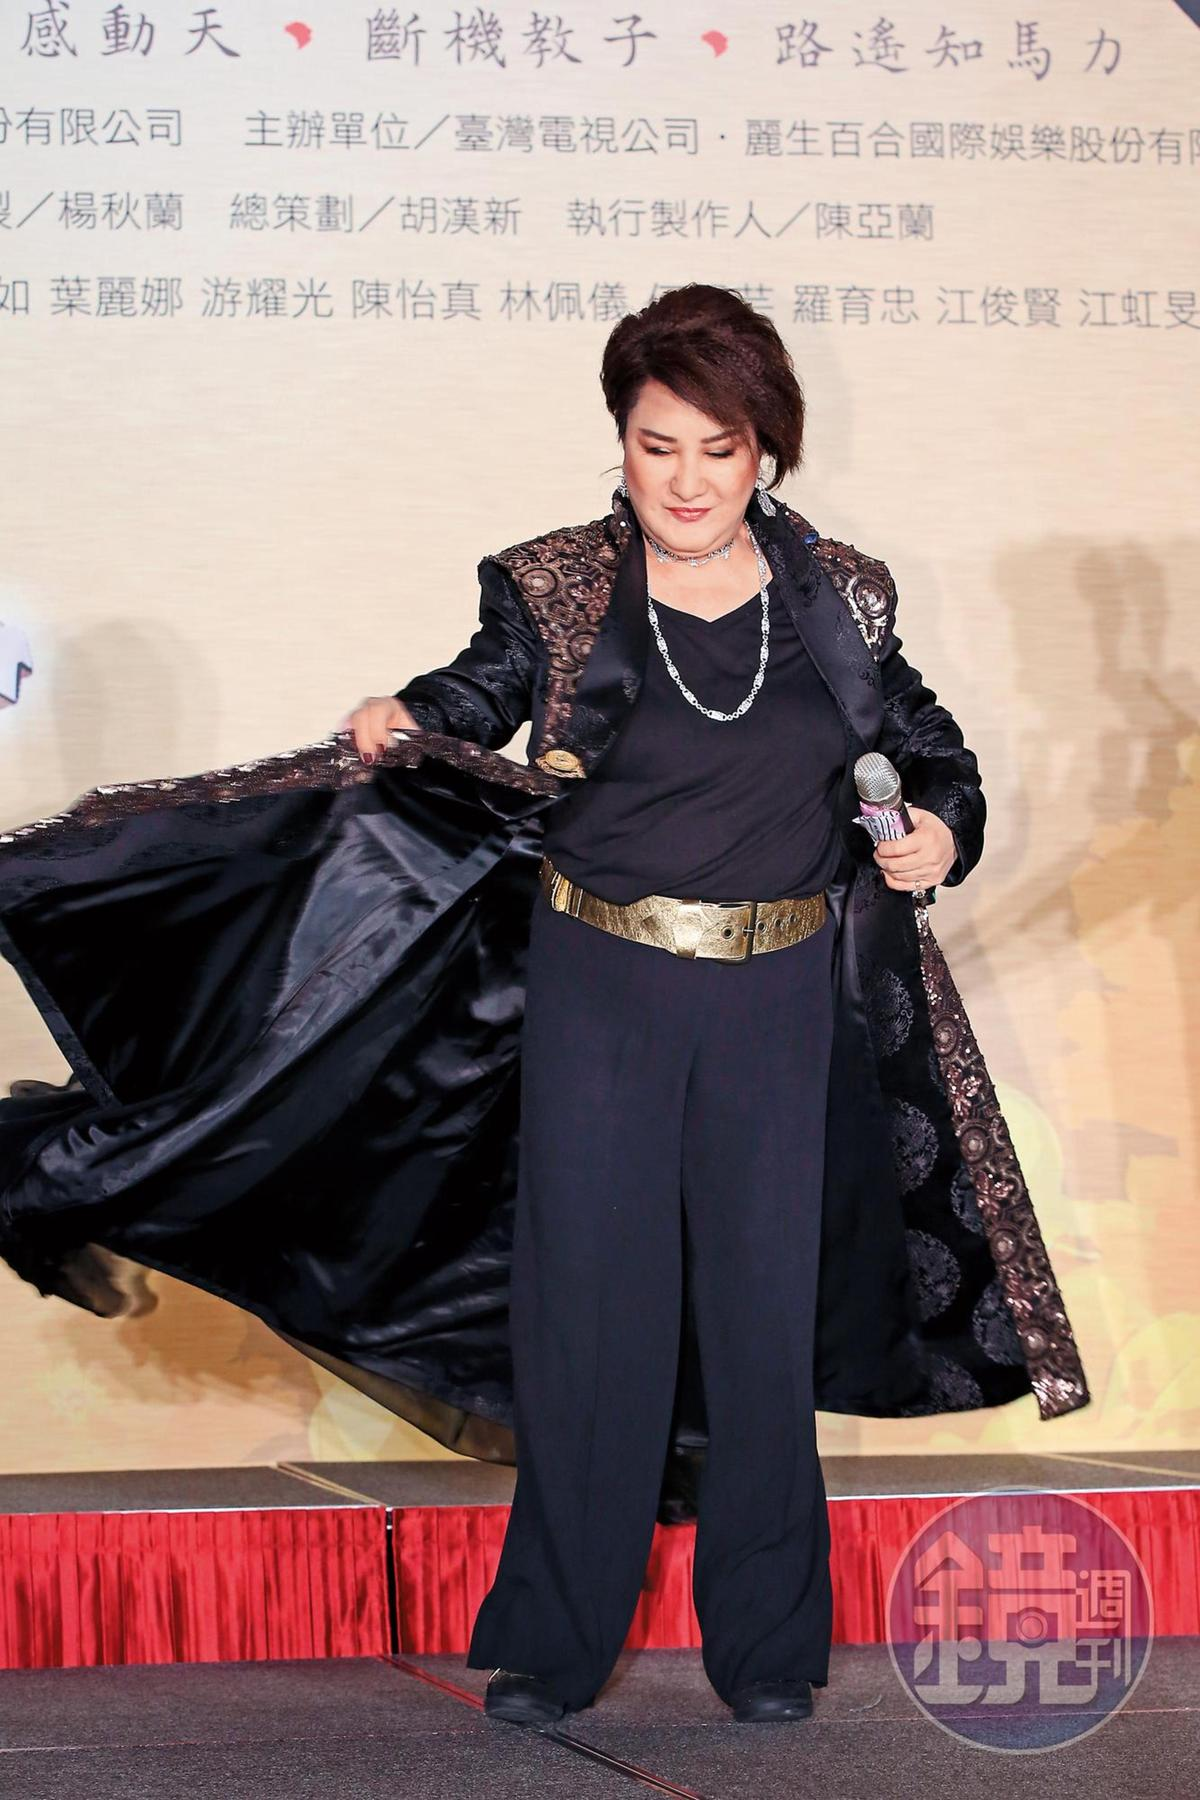 台視電視歌仔戲《忠孝節義》媒體首映會,楊麗花整個人看似非常具有重量級國寶的範兒。